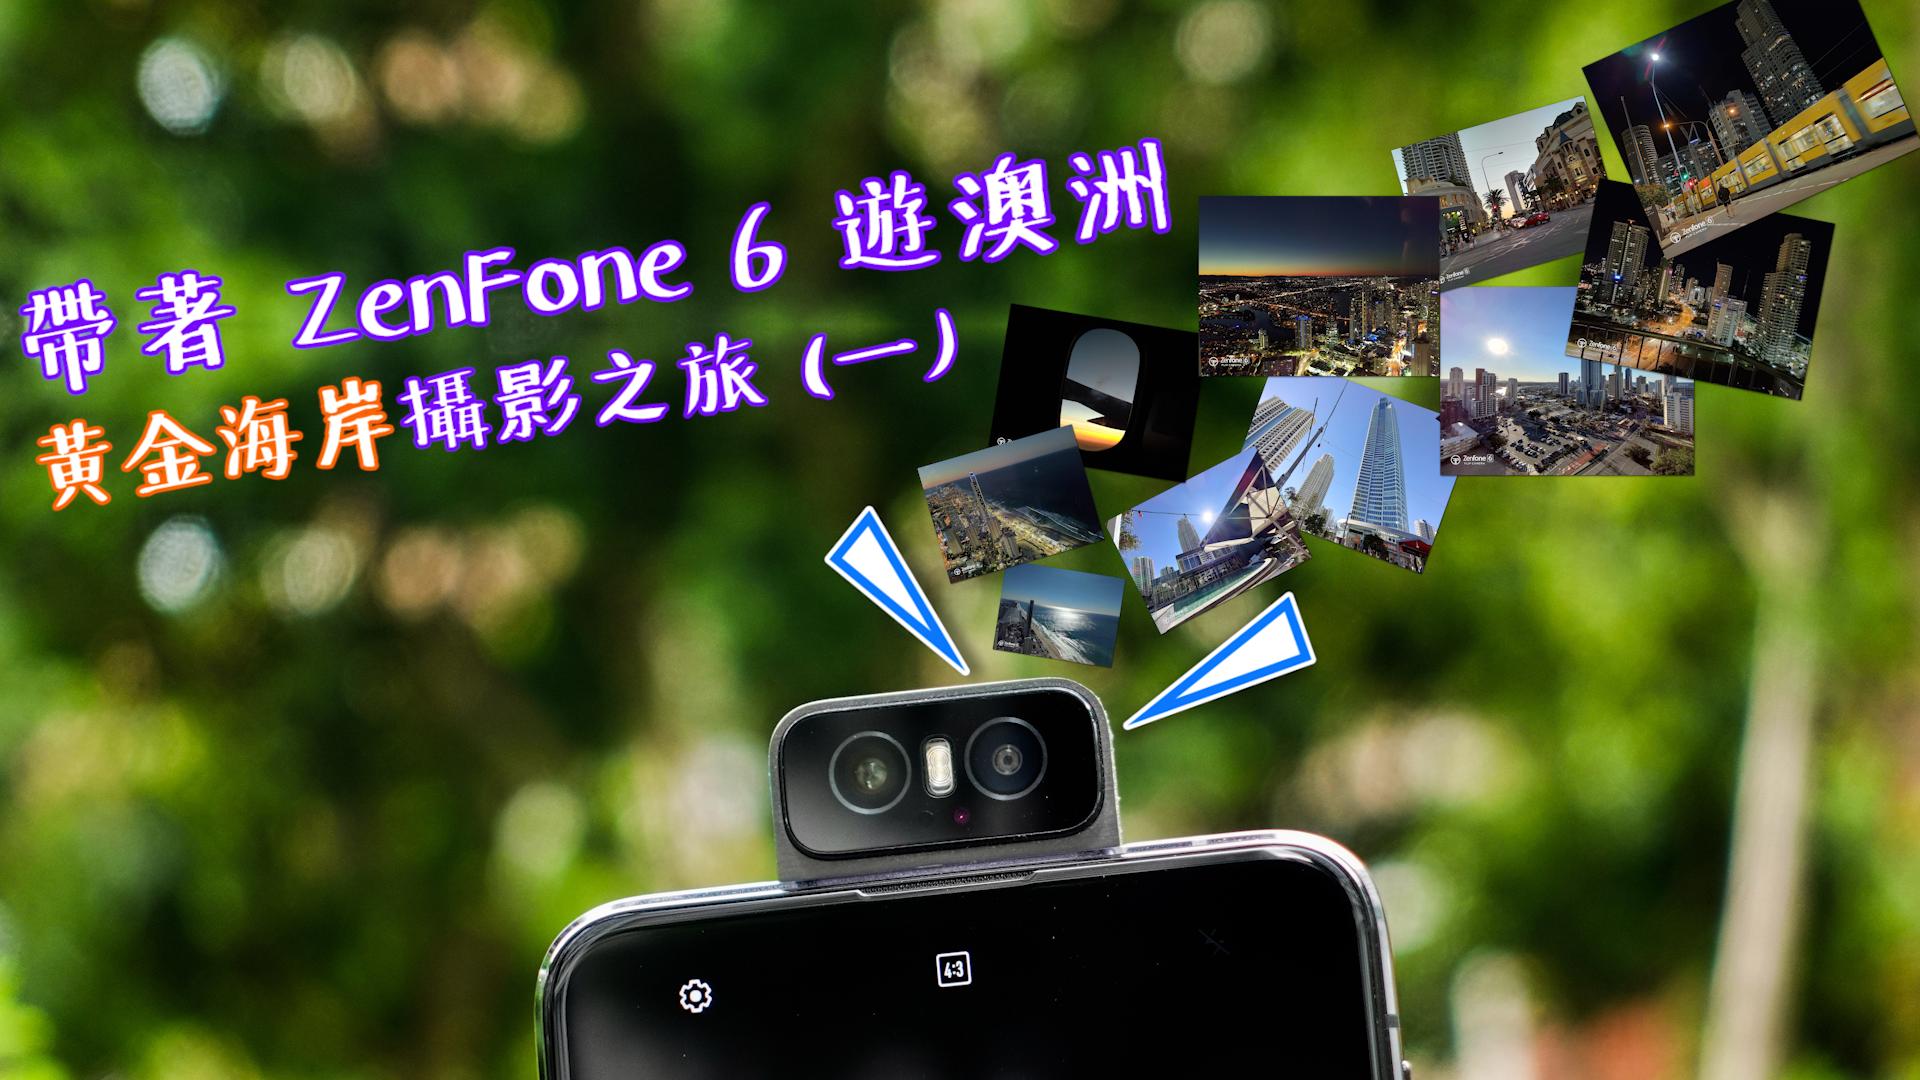 翻轉視界!帶著 ZenFone 6 遊澳洲:黃金海岸攝影之旅 (一)!(Q1 大樓 Skypoint 觀景台)